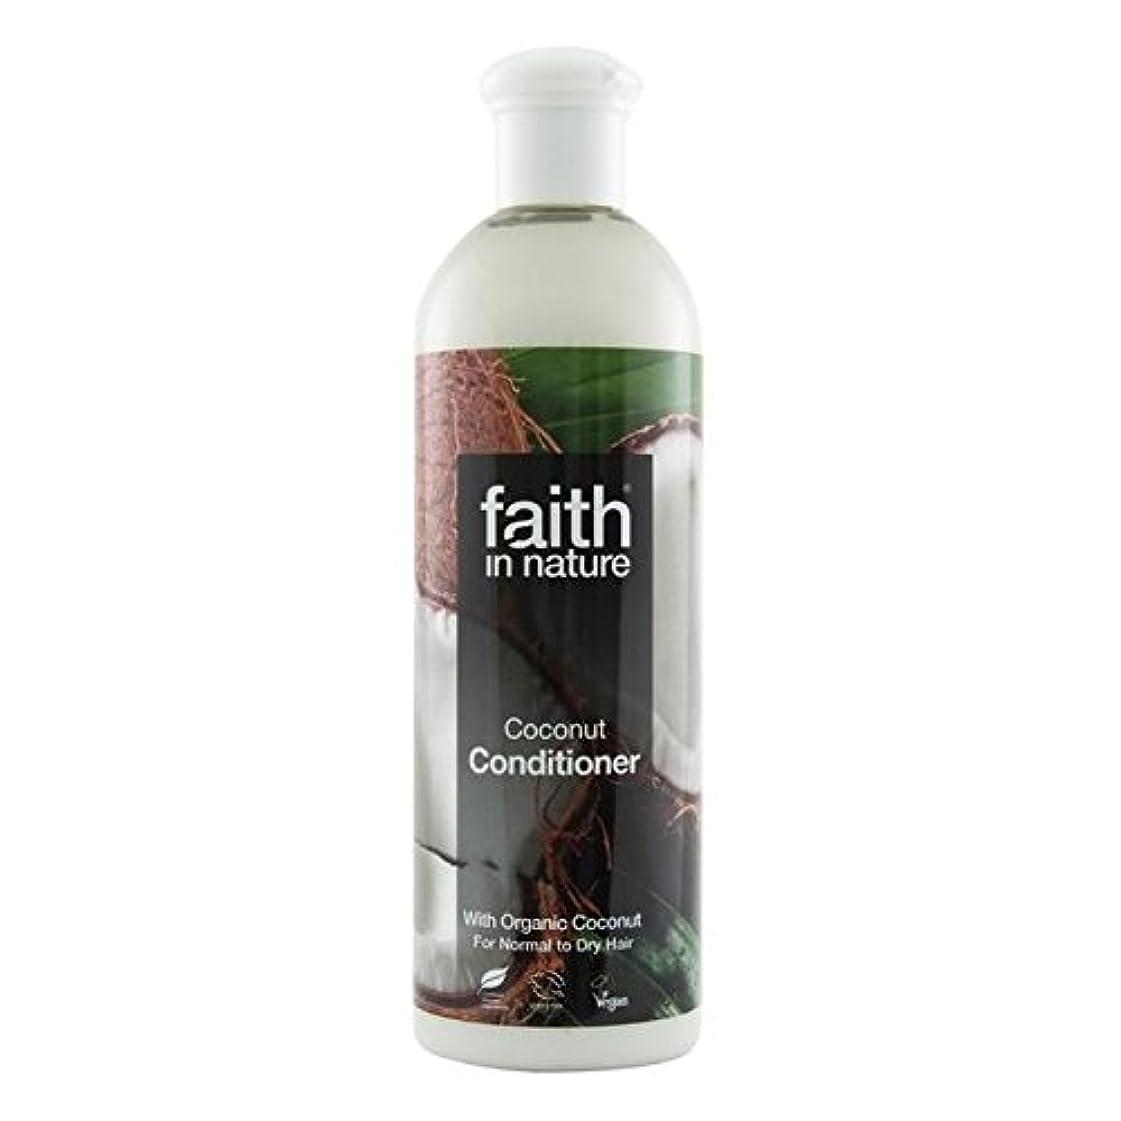 ネストディレクトリ味Faith in Nature Coconut Conditioner 400ml (Pack of 4) - (Faith In Nature) 自然ココナッツコンディショナー400ミリリットルの信仰 (x4) [並行輸入品]